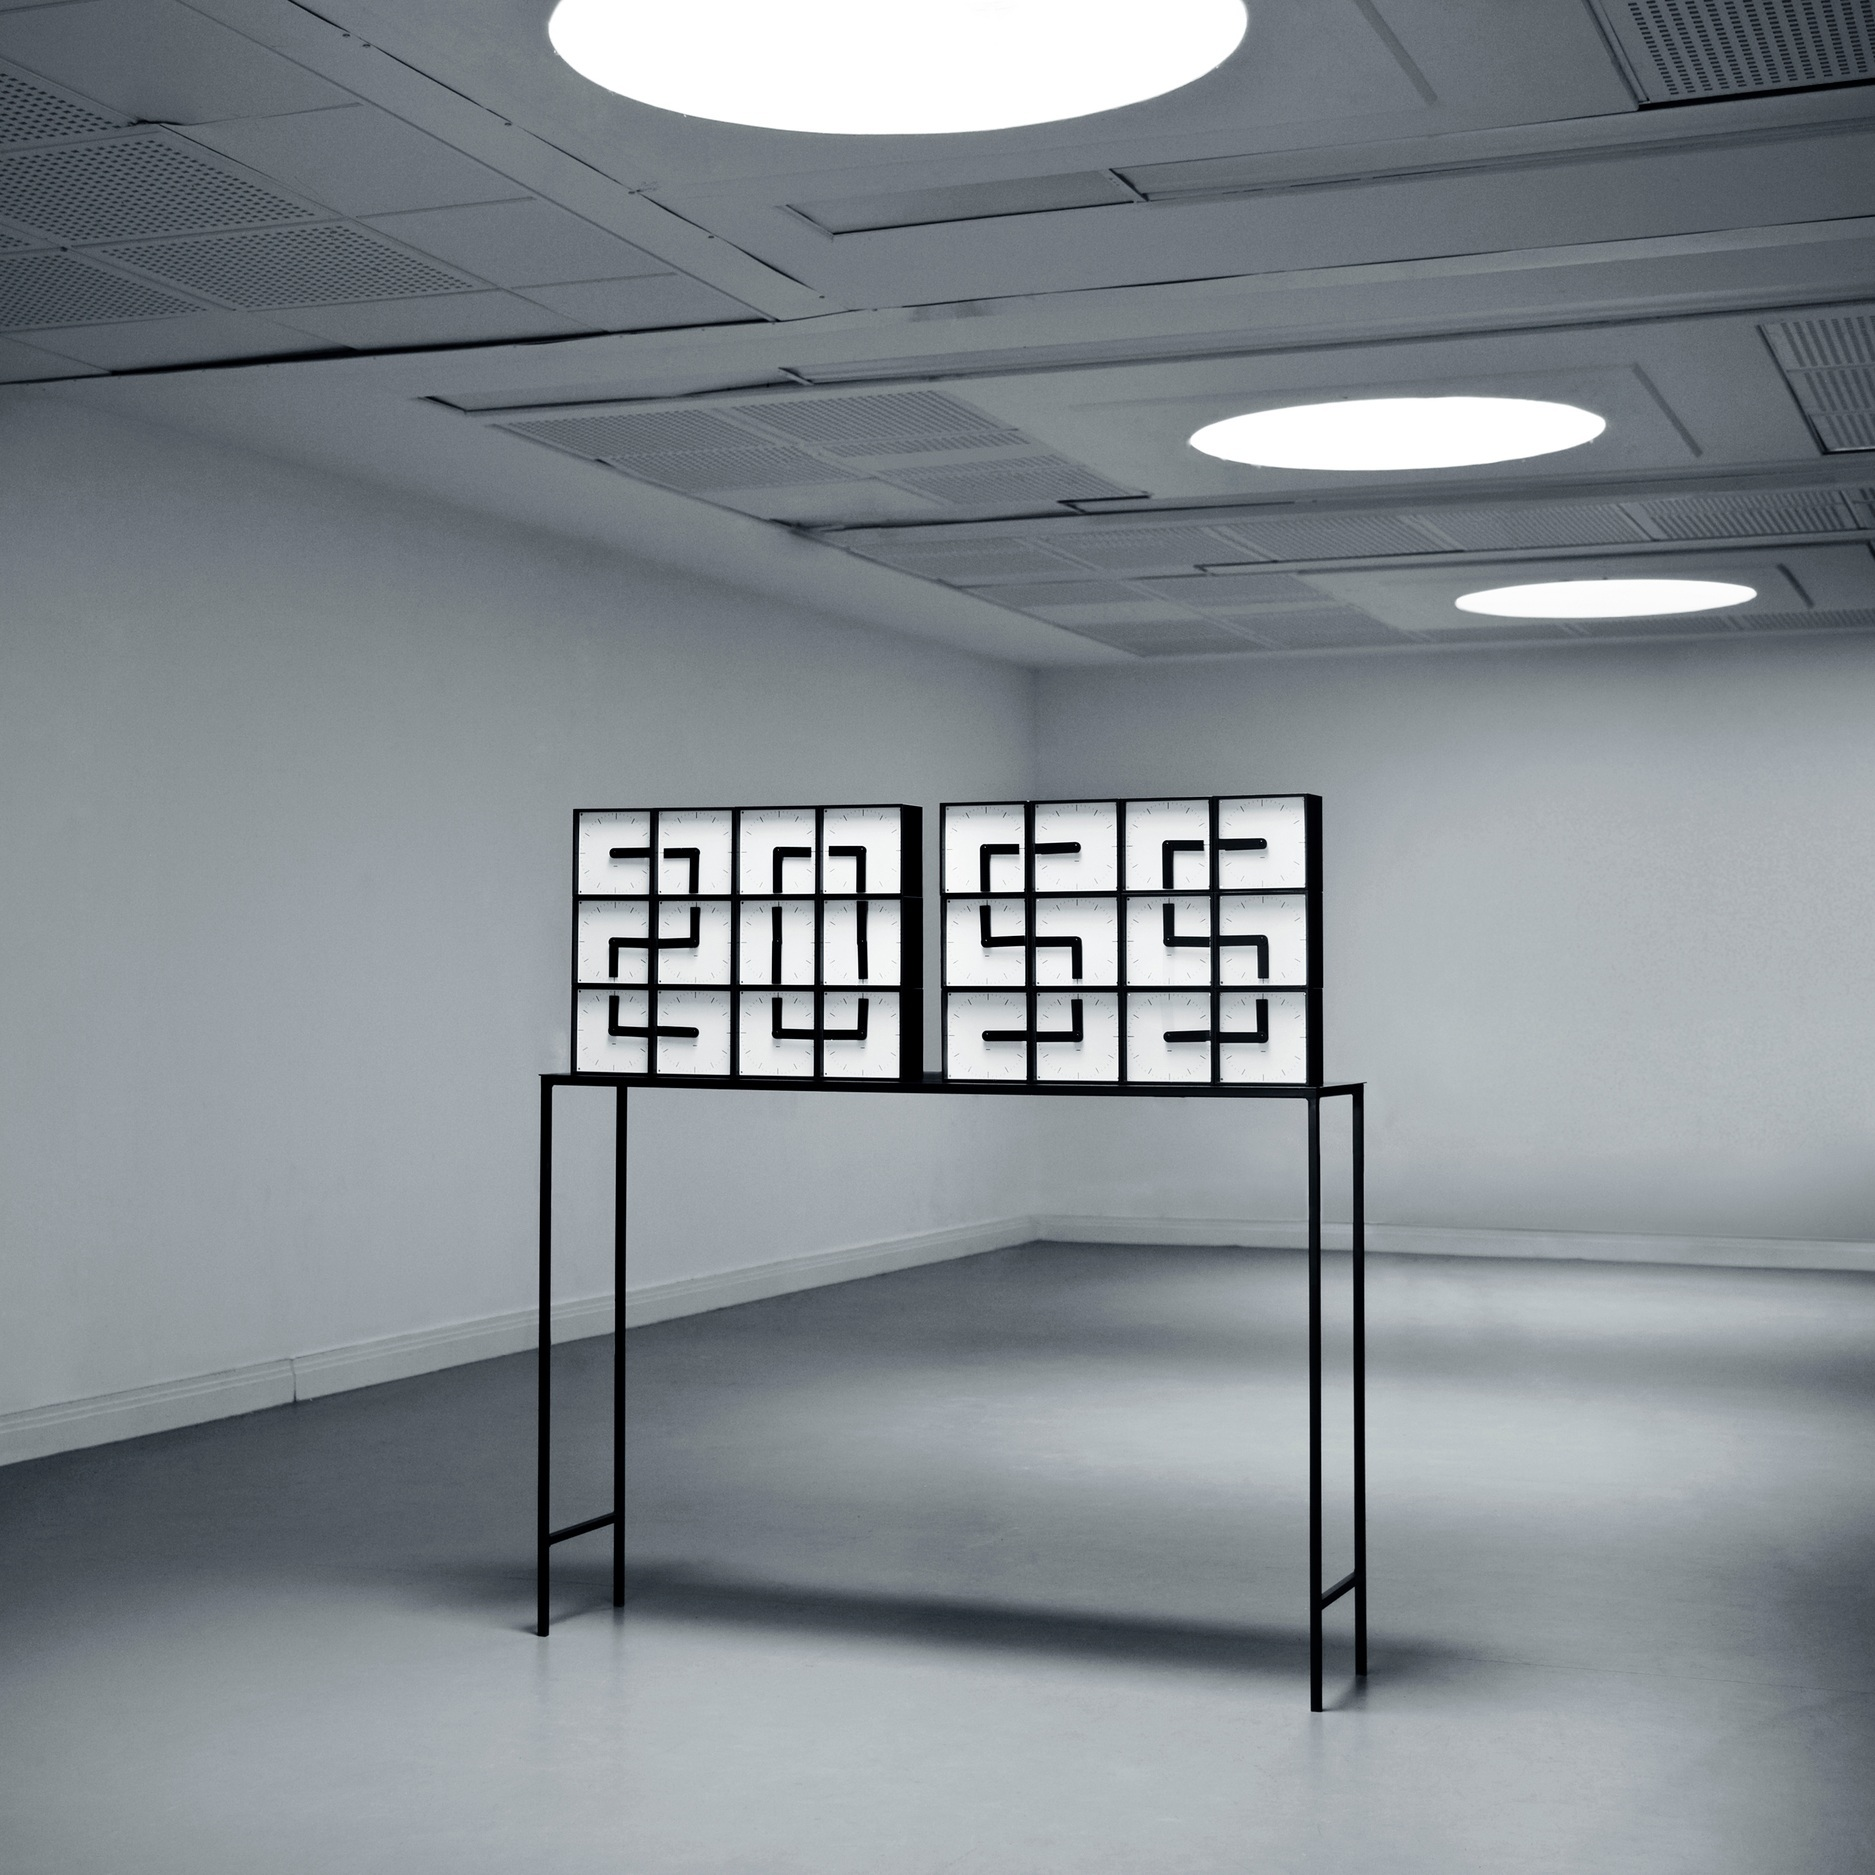 The Clock Clock, 2008-2010